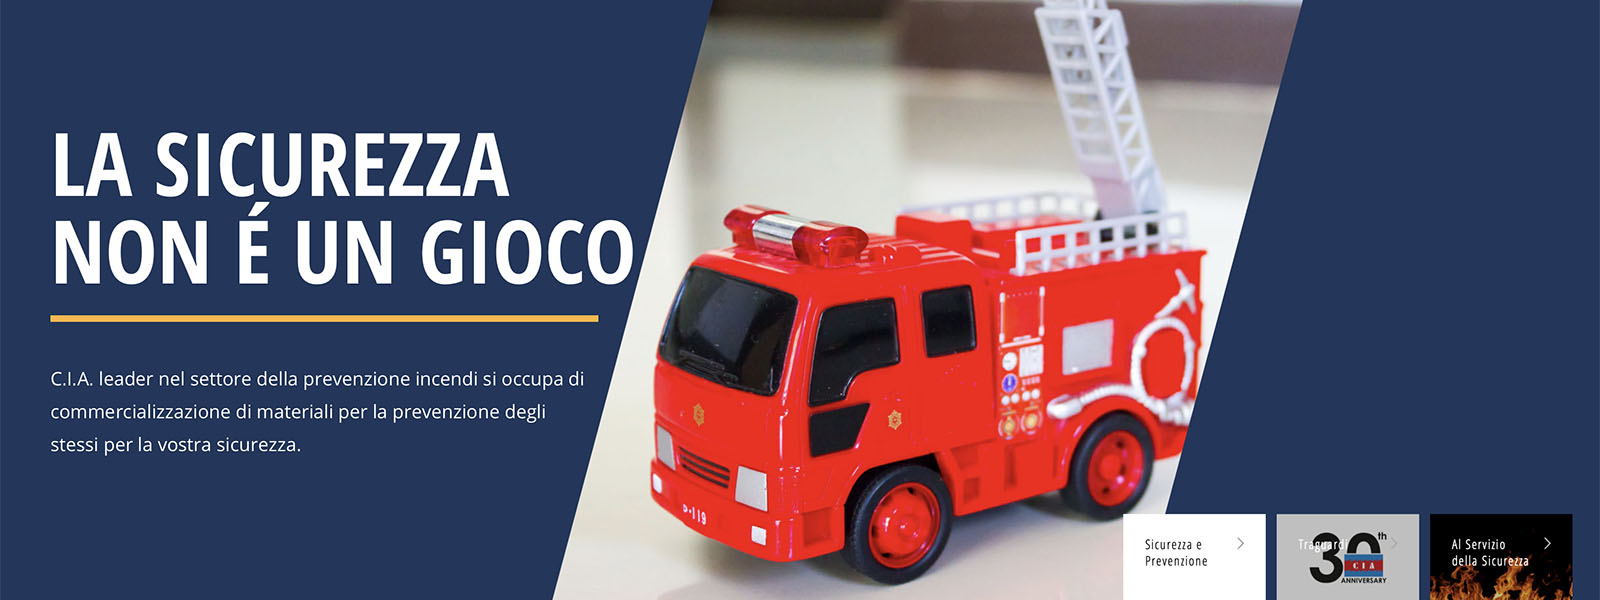 Sito Web CIA Centro Italiano Antincendio